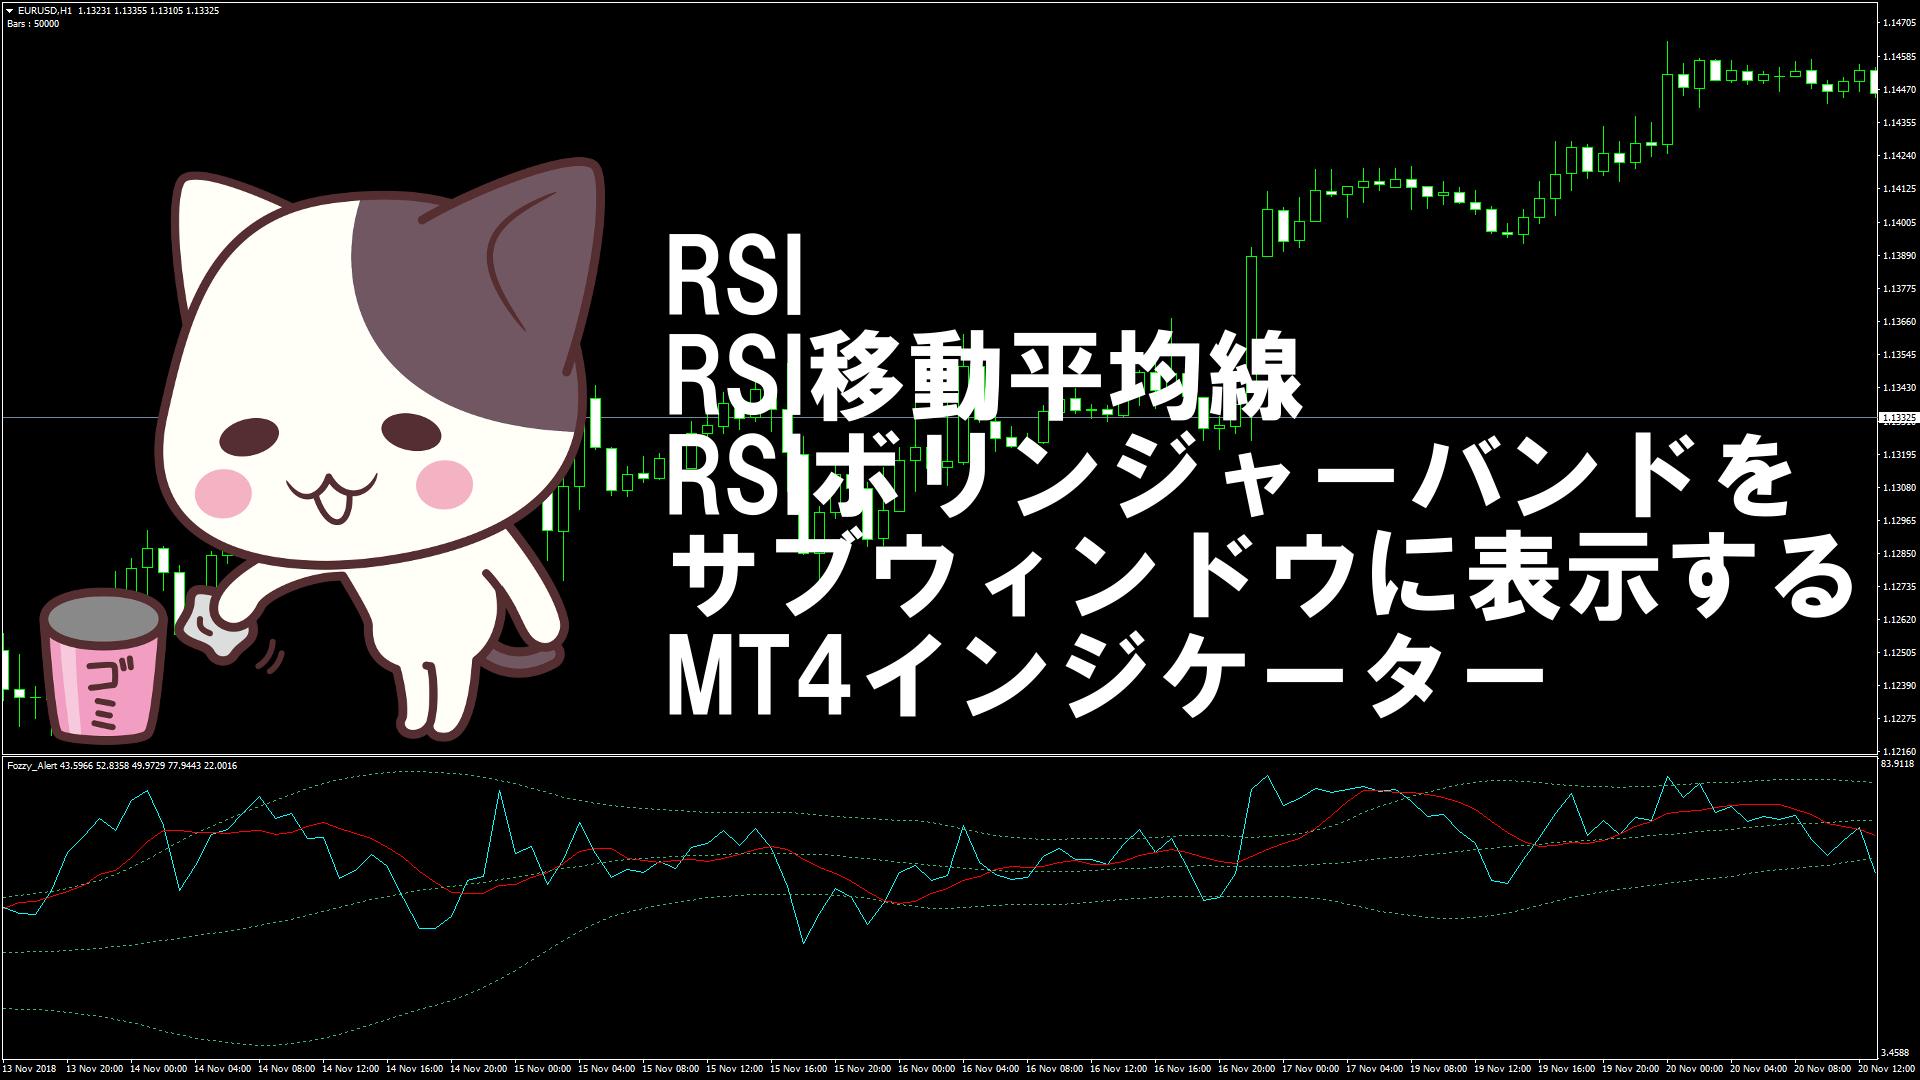 RSI・RSI移動平均線・RSIボリンジャーバンドをサブウィンドウに表示するMT4インジケーター『Fozzy_Alert』